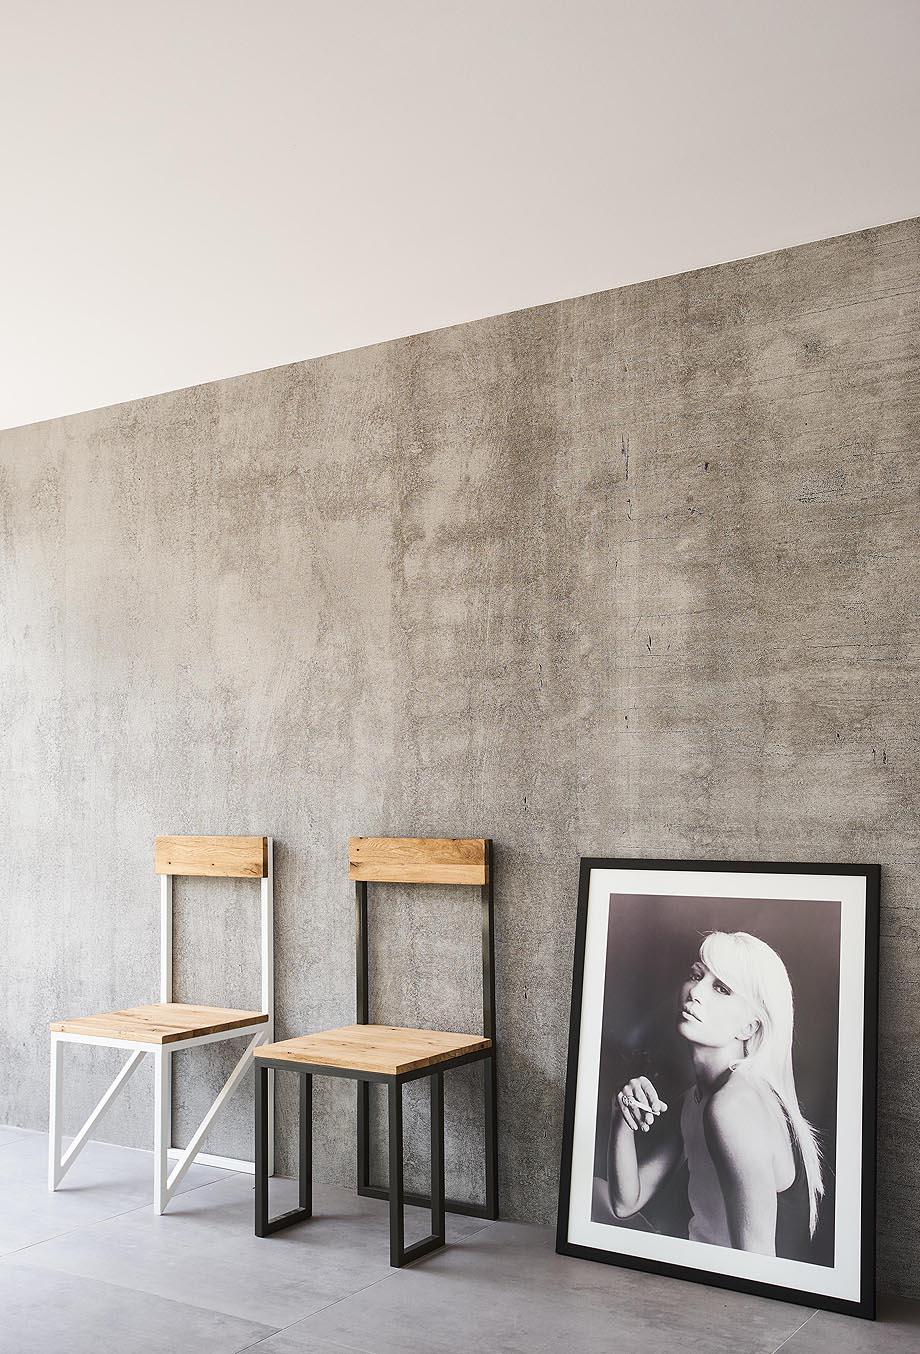 colección de sillas abra & cadabra de minimal studio (2)